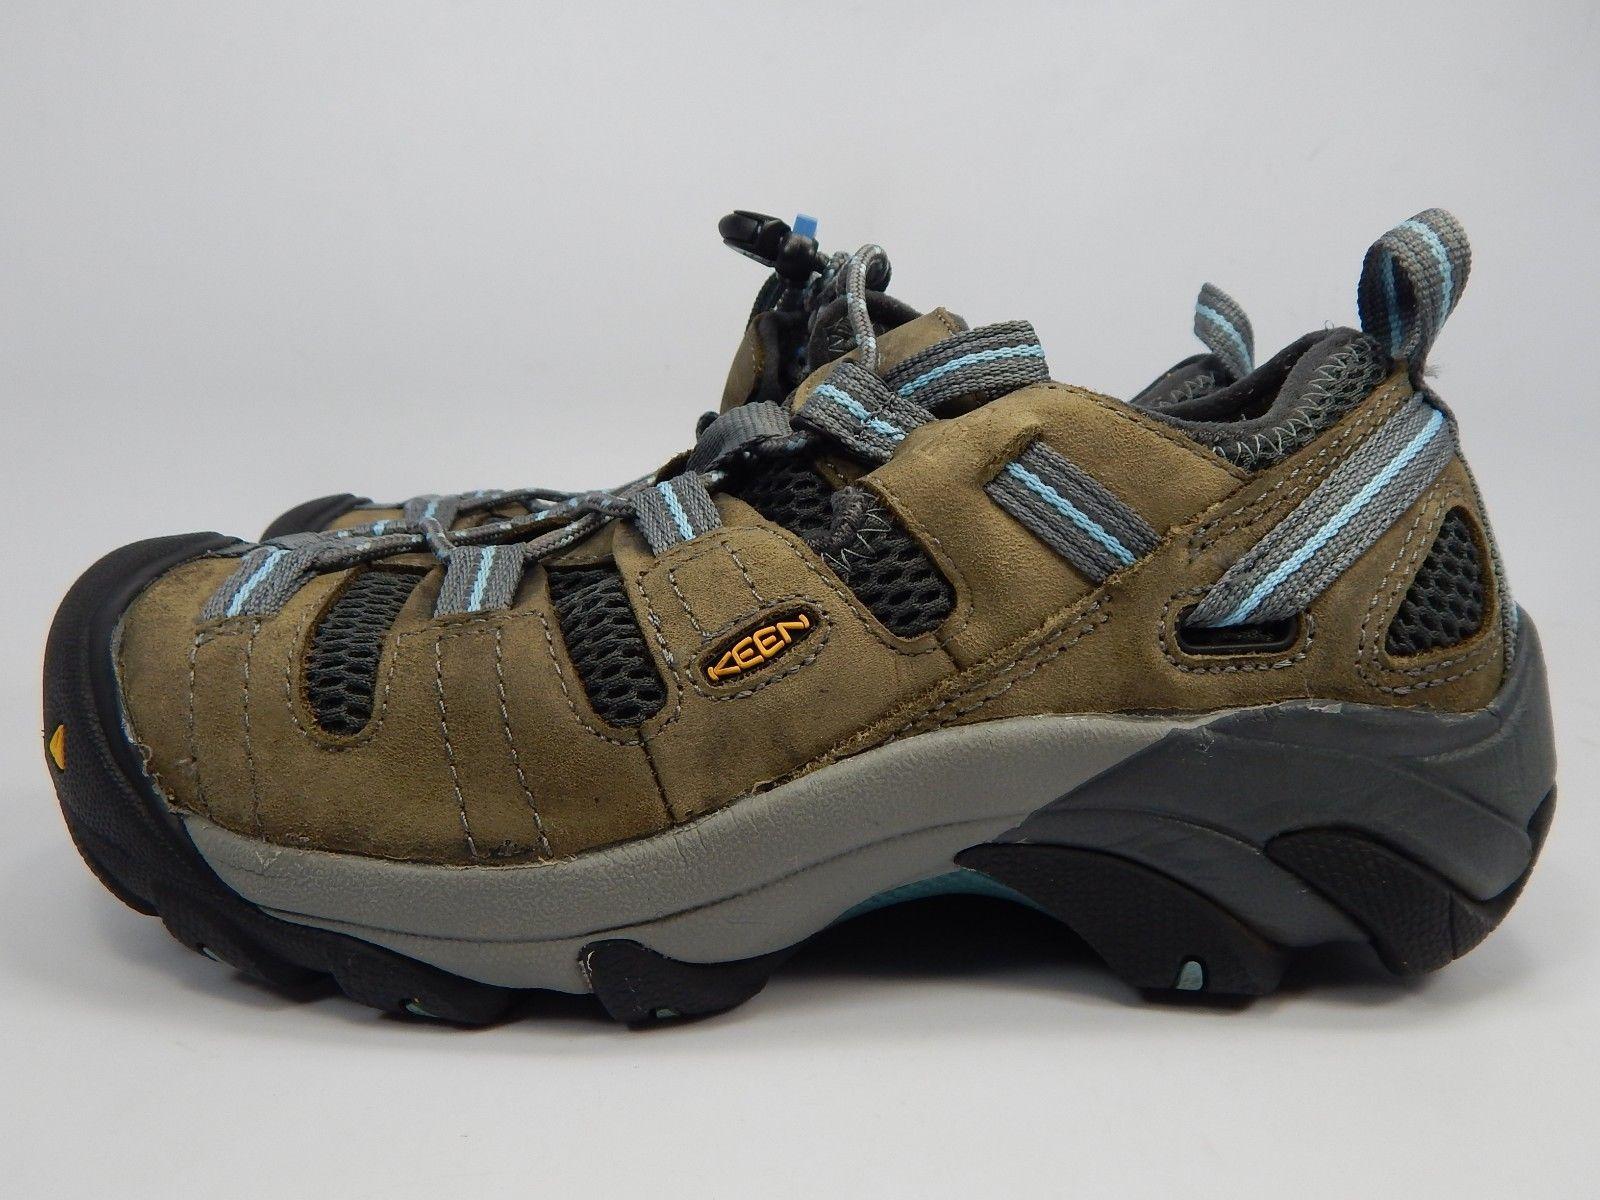 Keen Atlanta Cool ESD Size US 8 D (W) WIDE EU 38.5 Women's Steel Toe Work Shoes